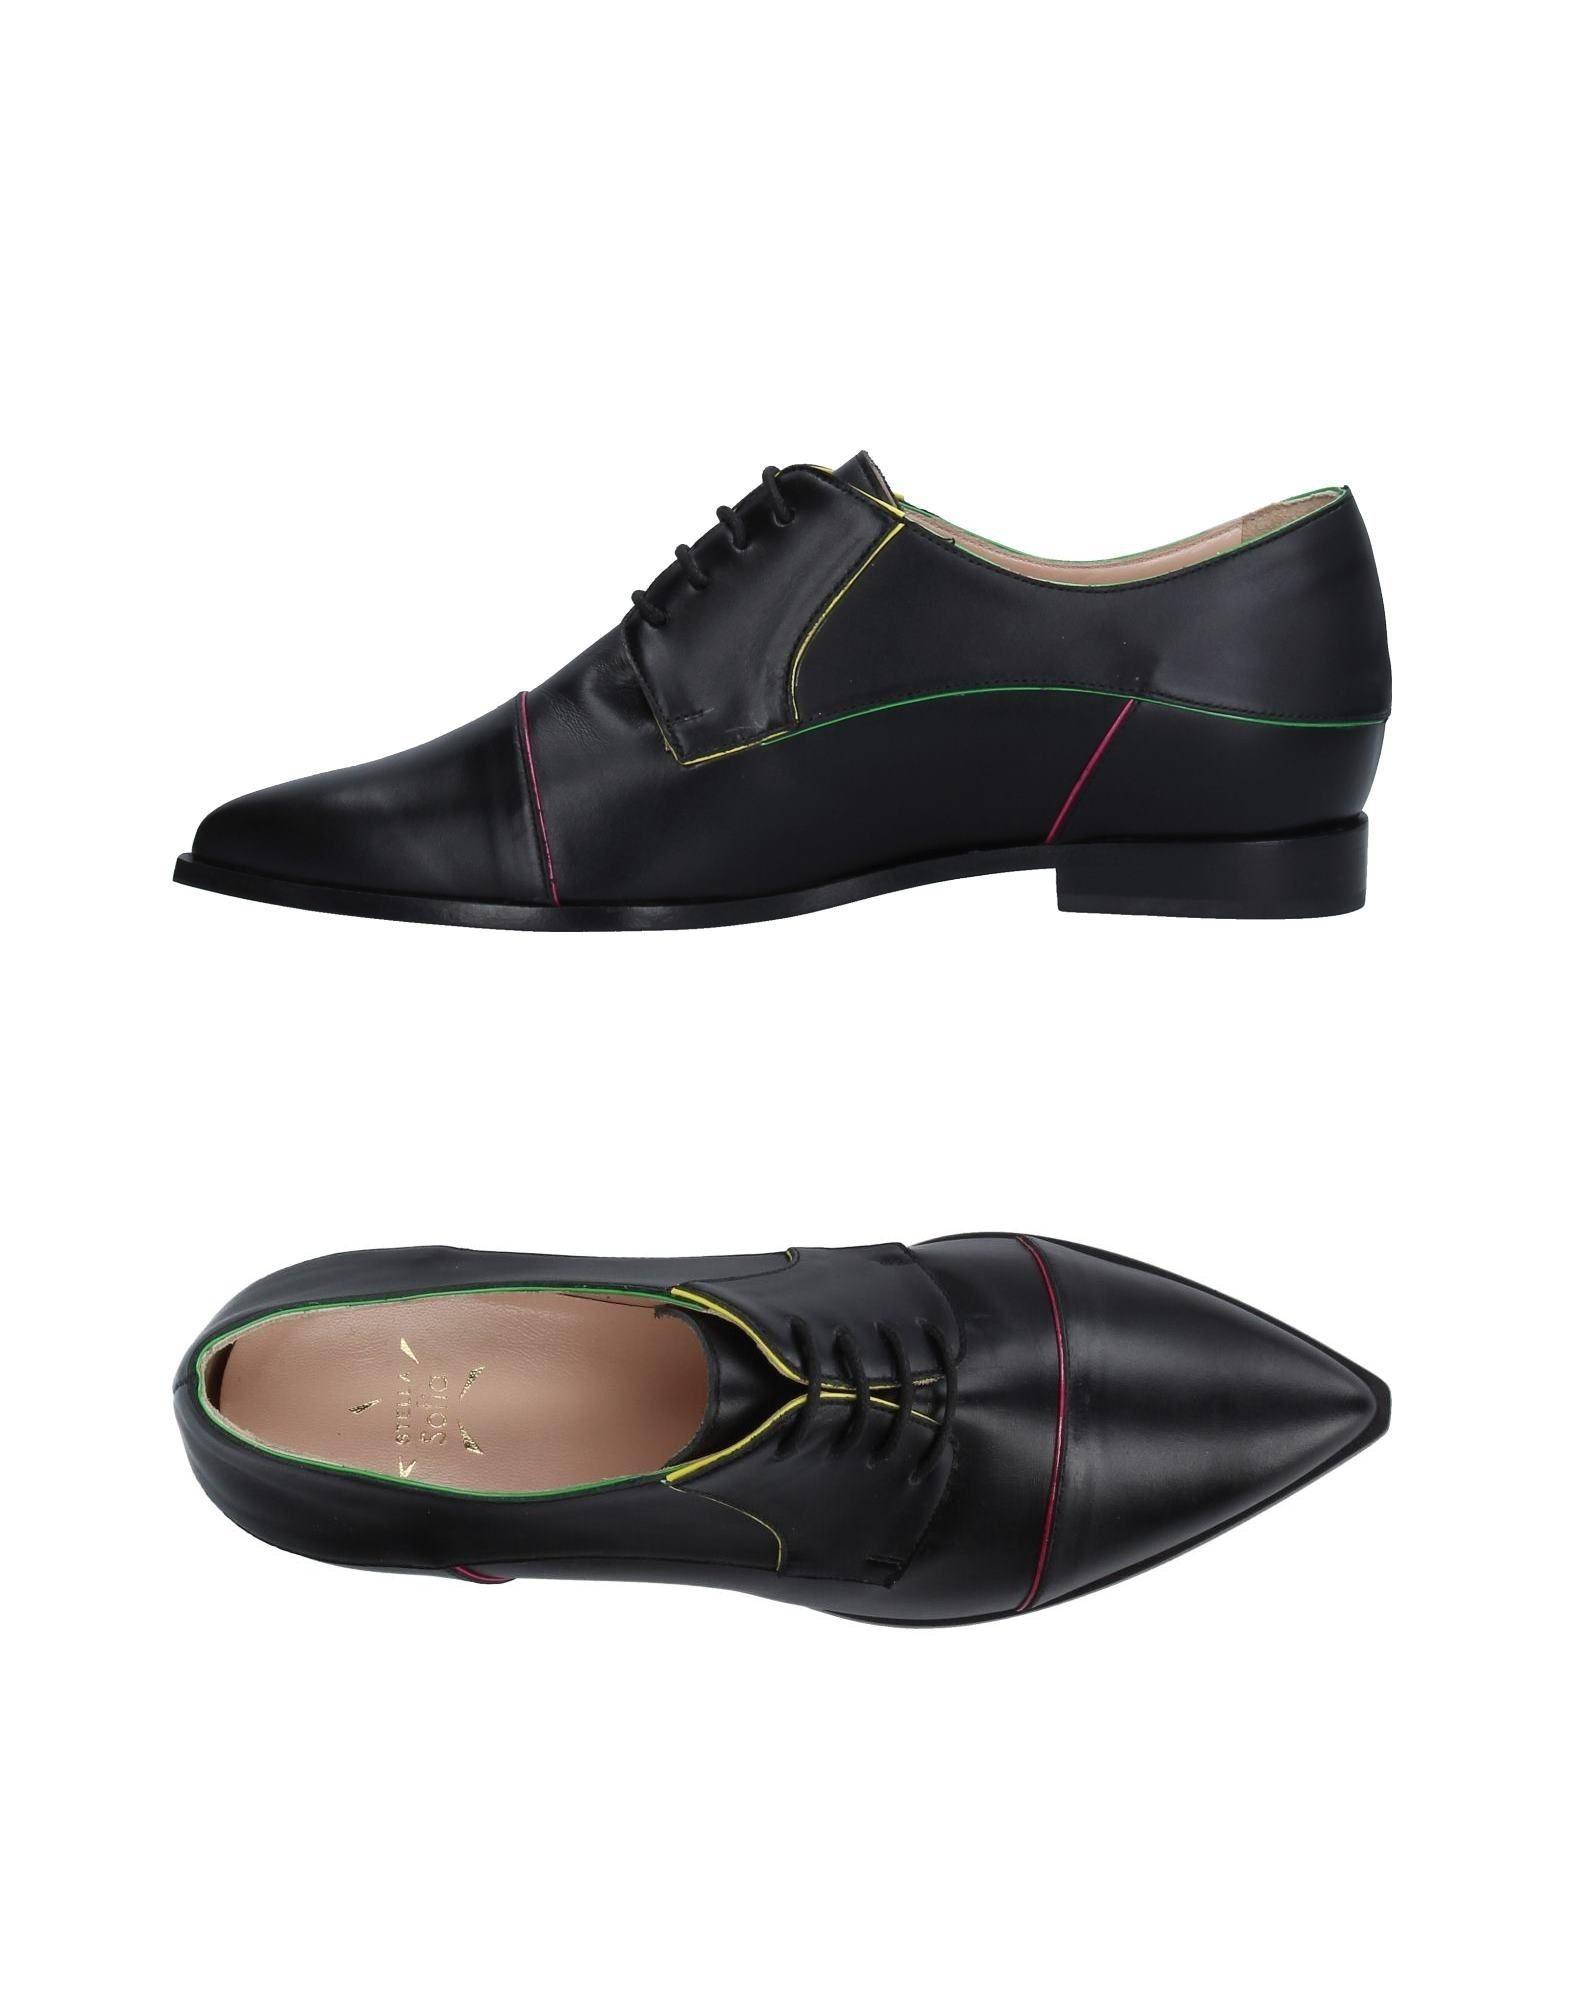 CHAUSSURES - Chaussures à lacetsStella Sofia yEiySsc